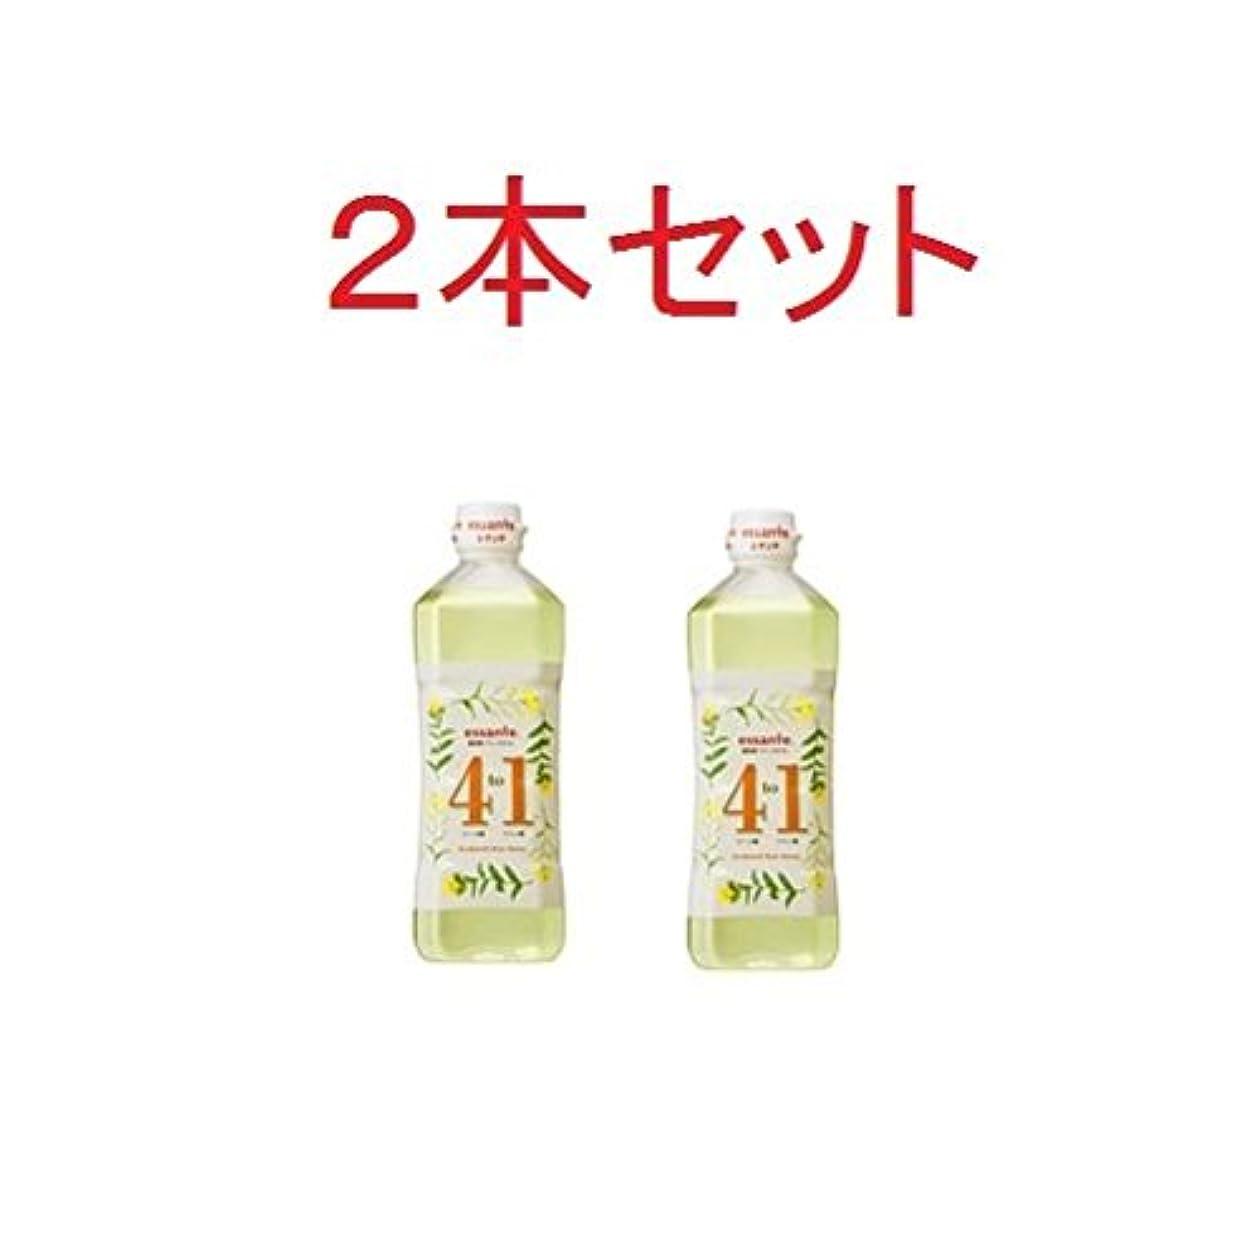 無限痛いシェーバー2本セット アムウェイ エサンテ 4 to 1 脂肪酸バランスオイル